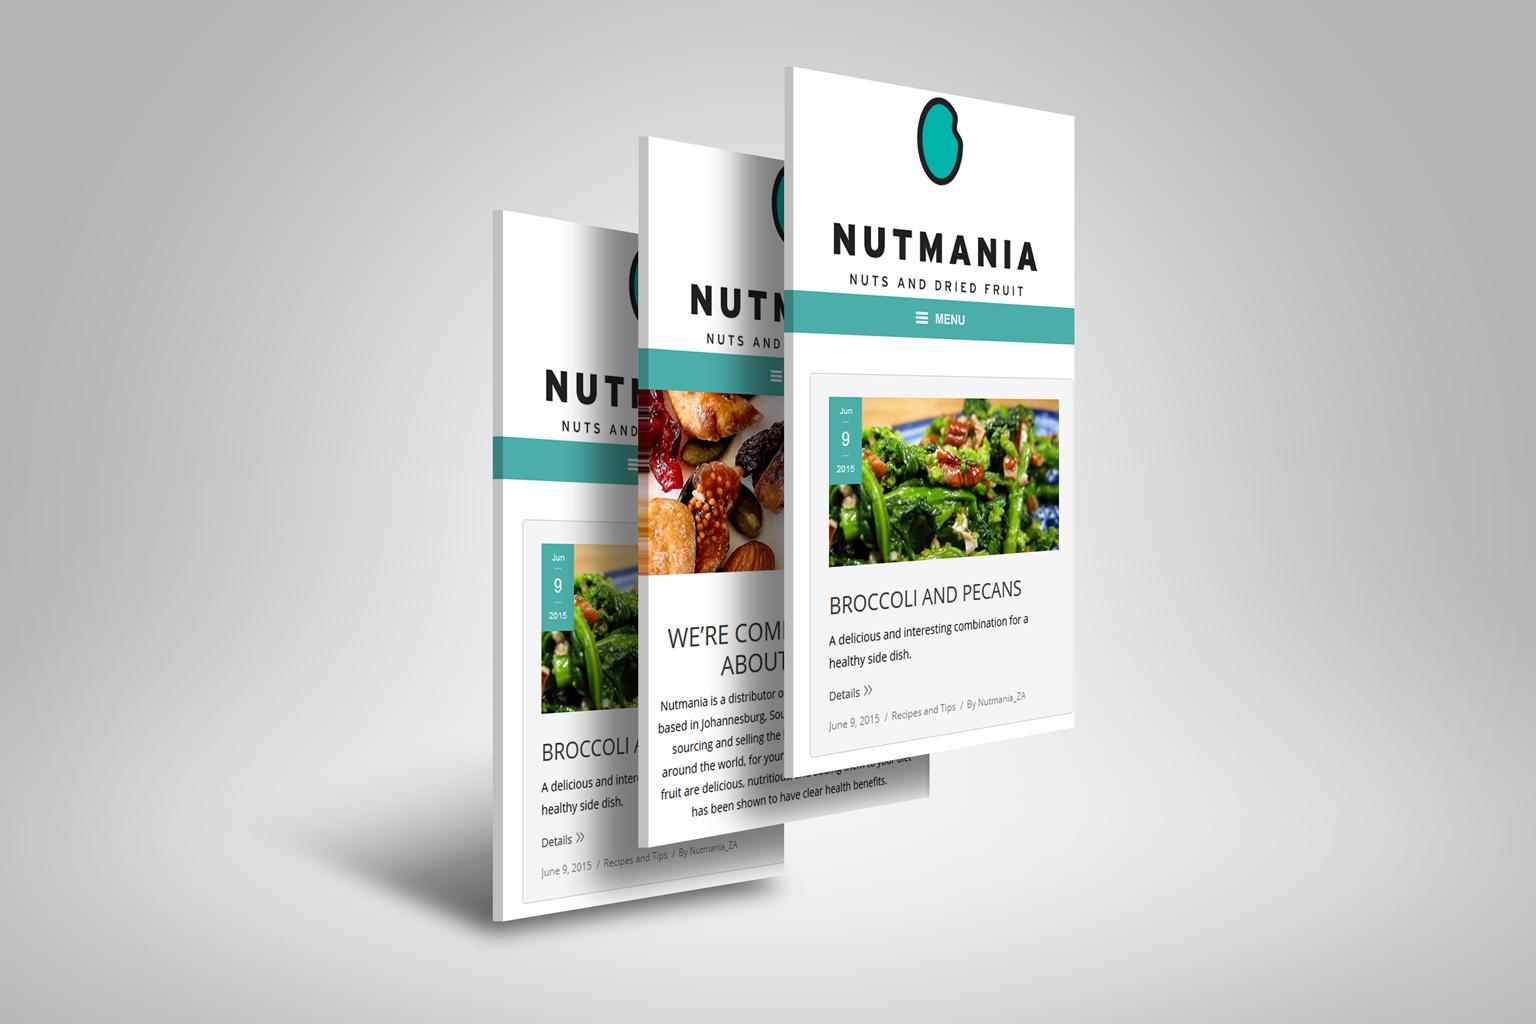 Nutmania Mobile Website